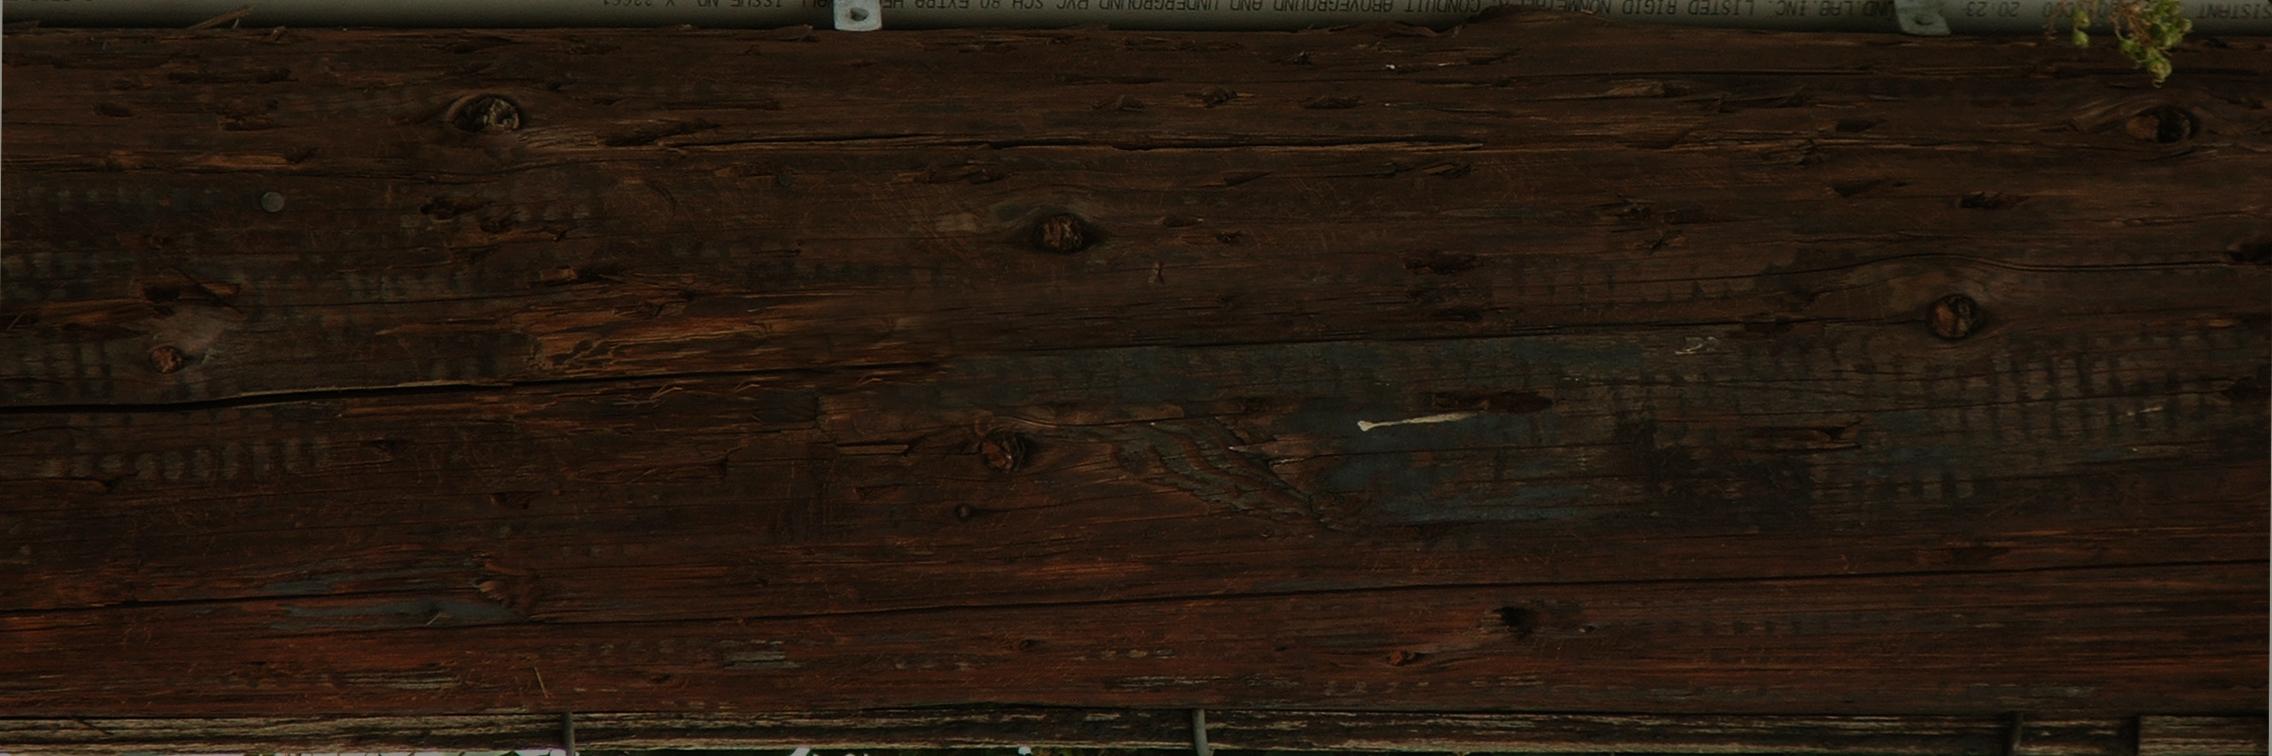 木材-残旧木(13)